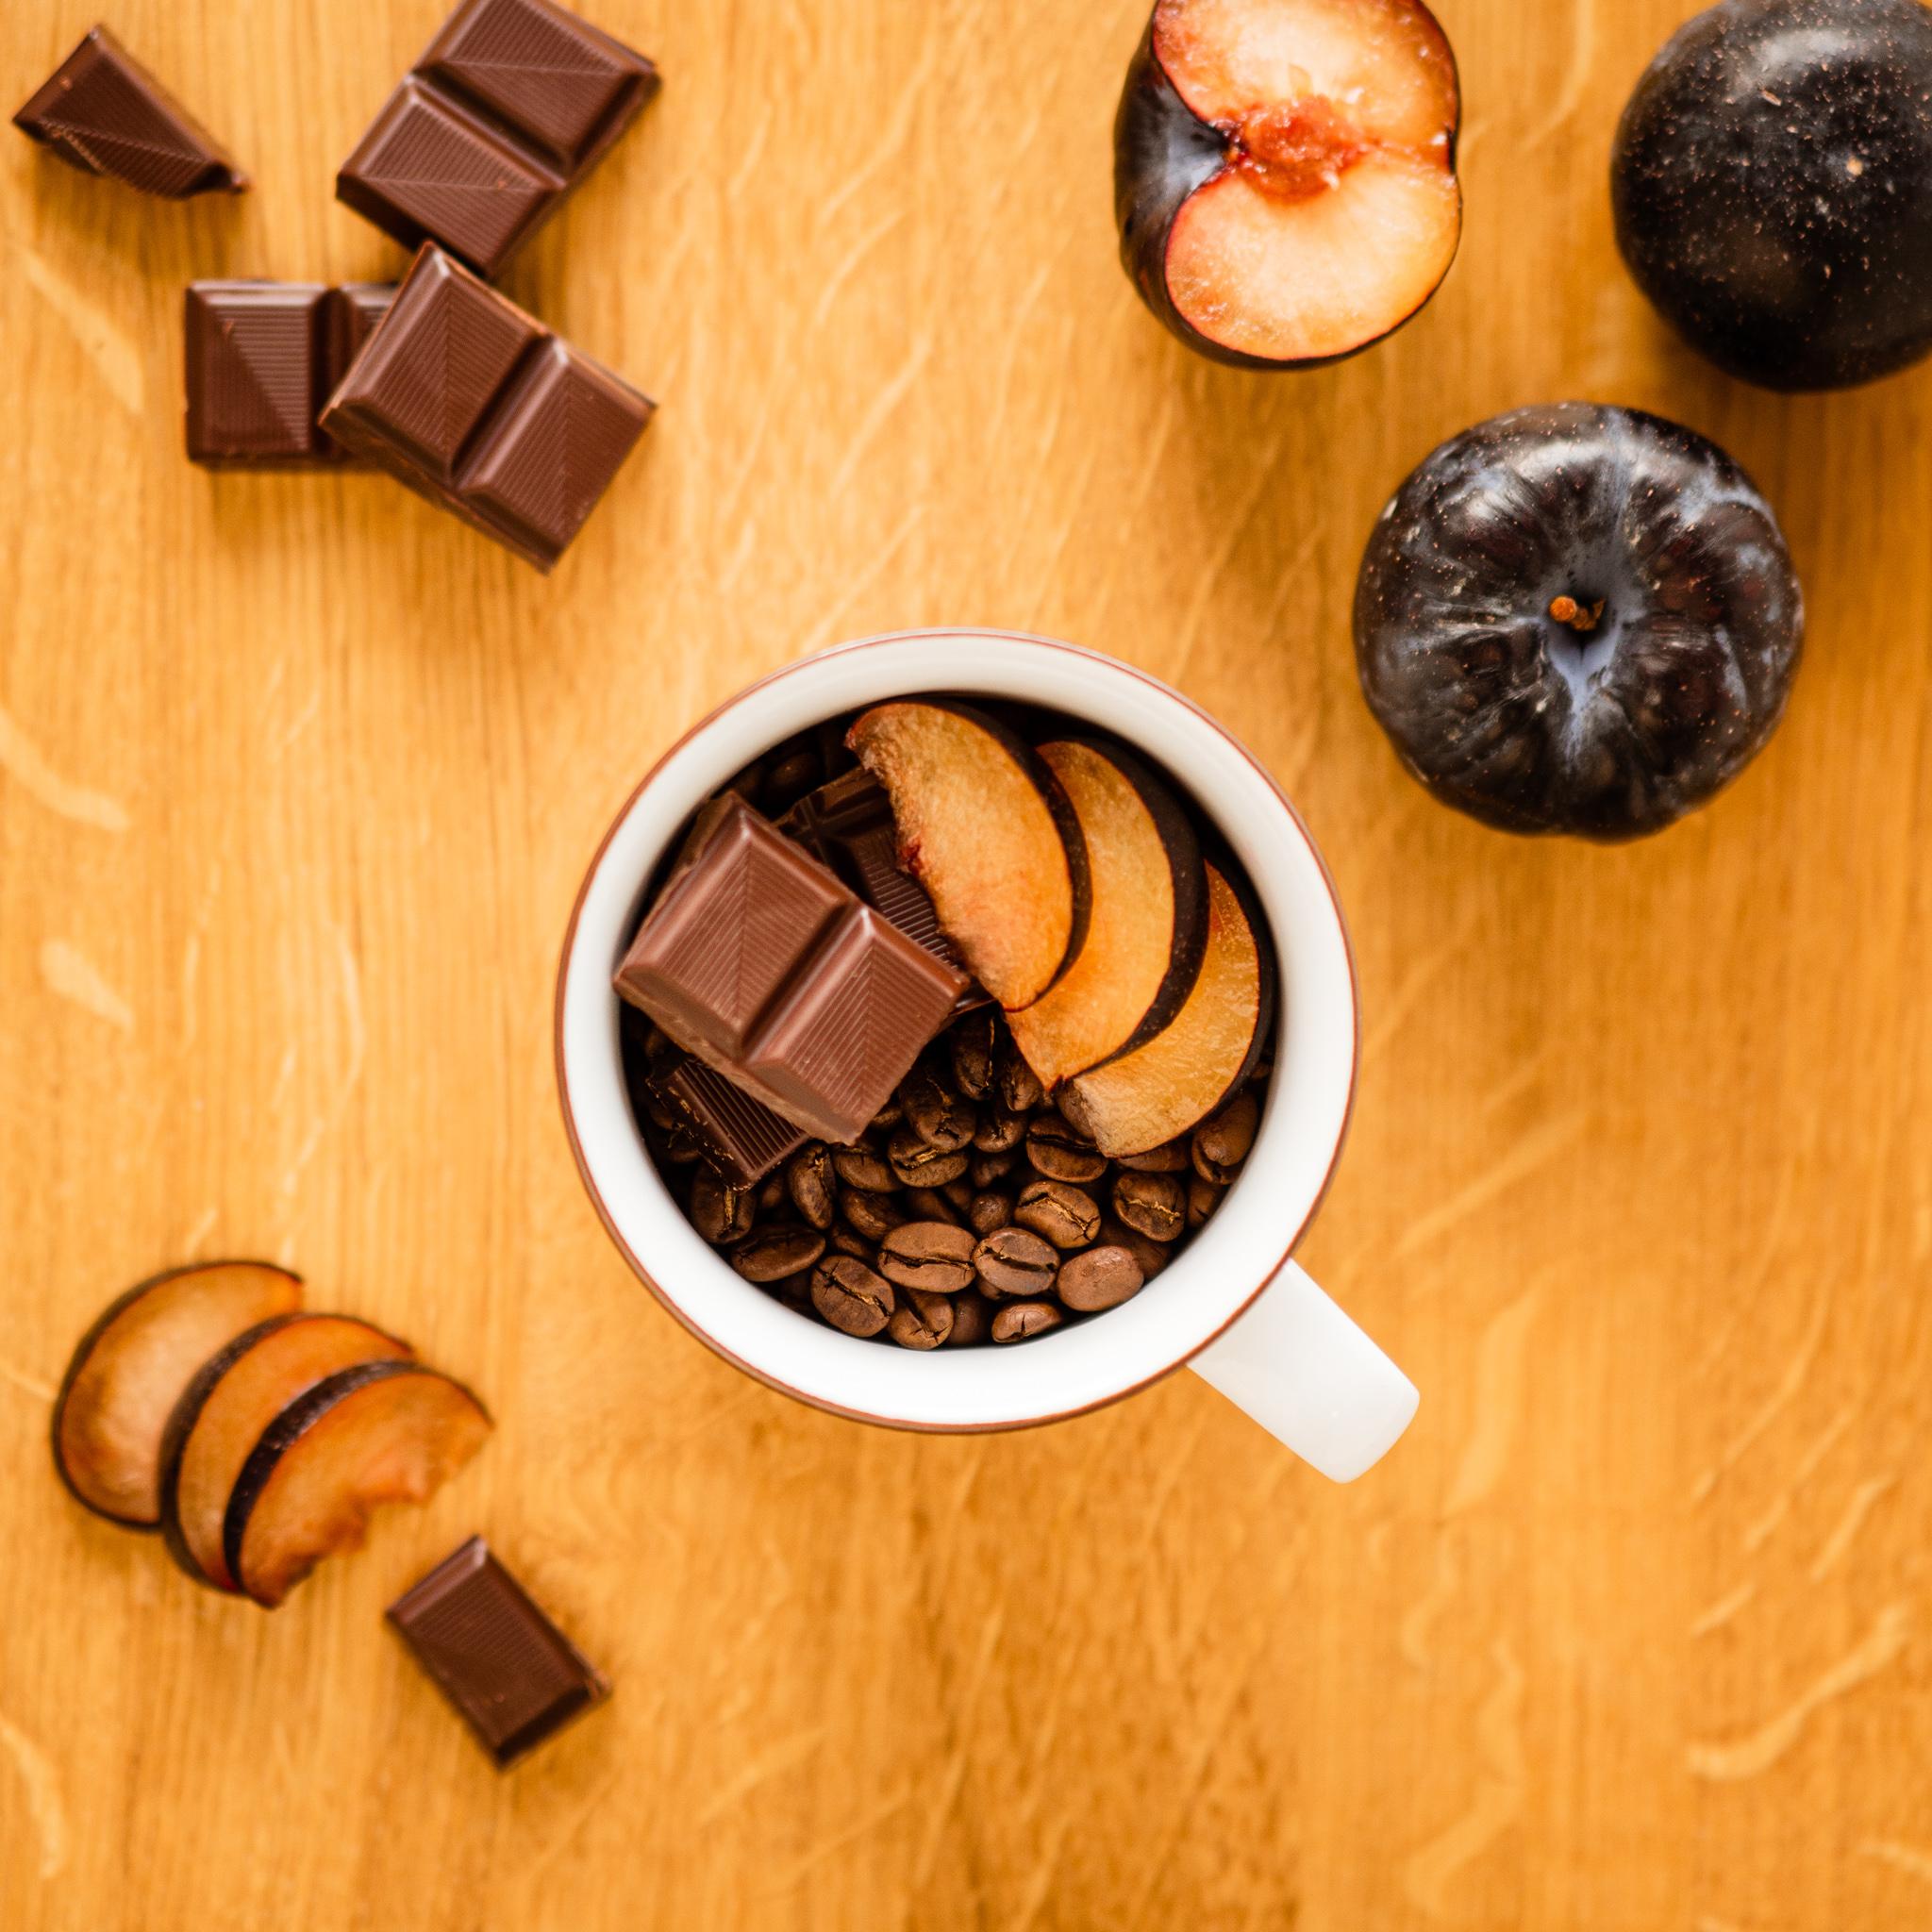 kräftiger und schokoladiger Espresso für die Siebträgermaschine